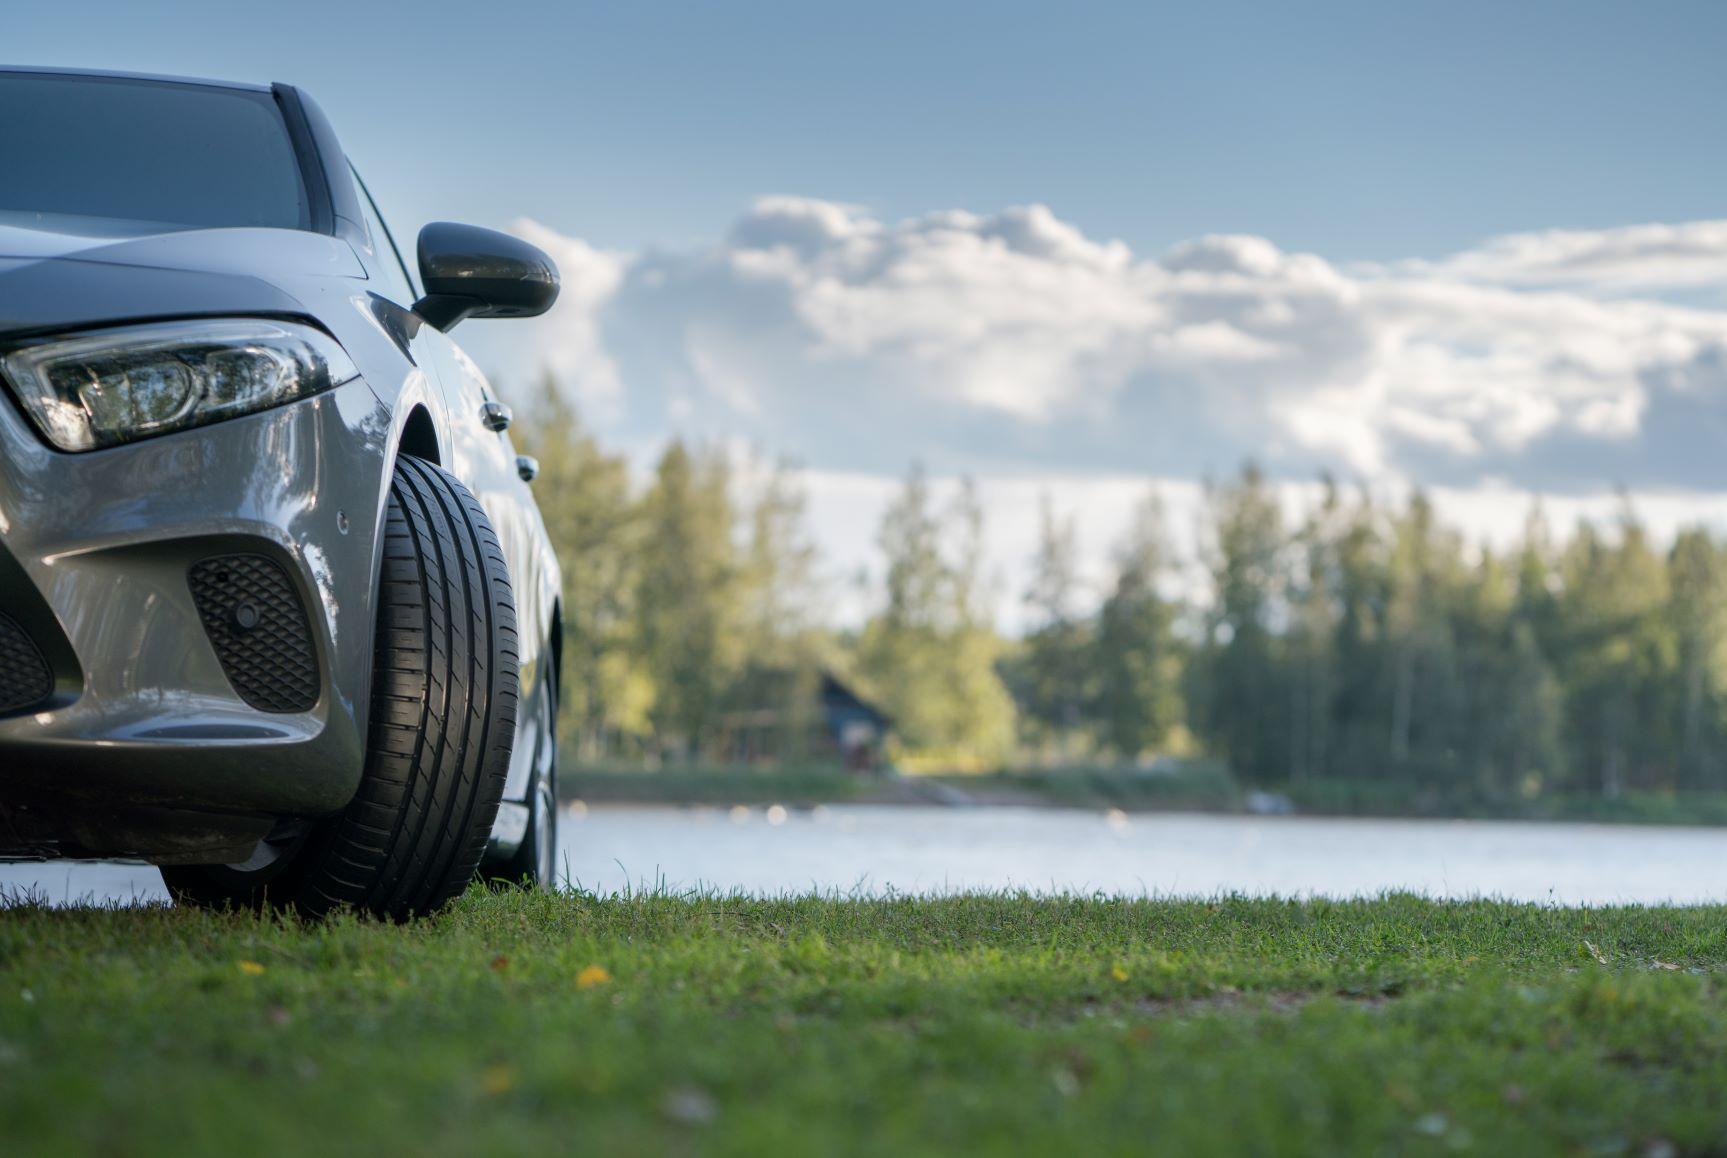 Nokian Tyres: 5 motive pentru care anvelopele de vară sunt indispensabile siguranței pe drumurile publice în timpul sezonului cald - Articole anvelope iarna, vara, all season